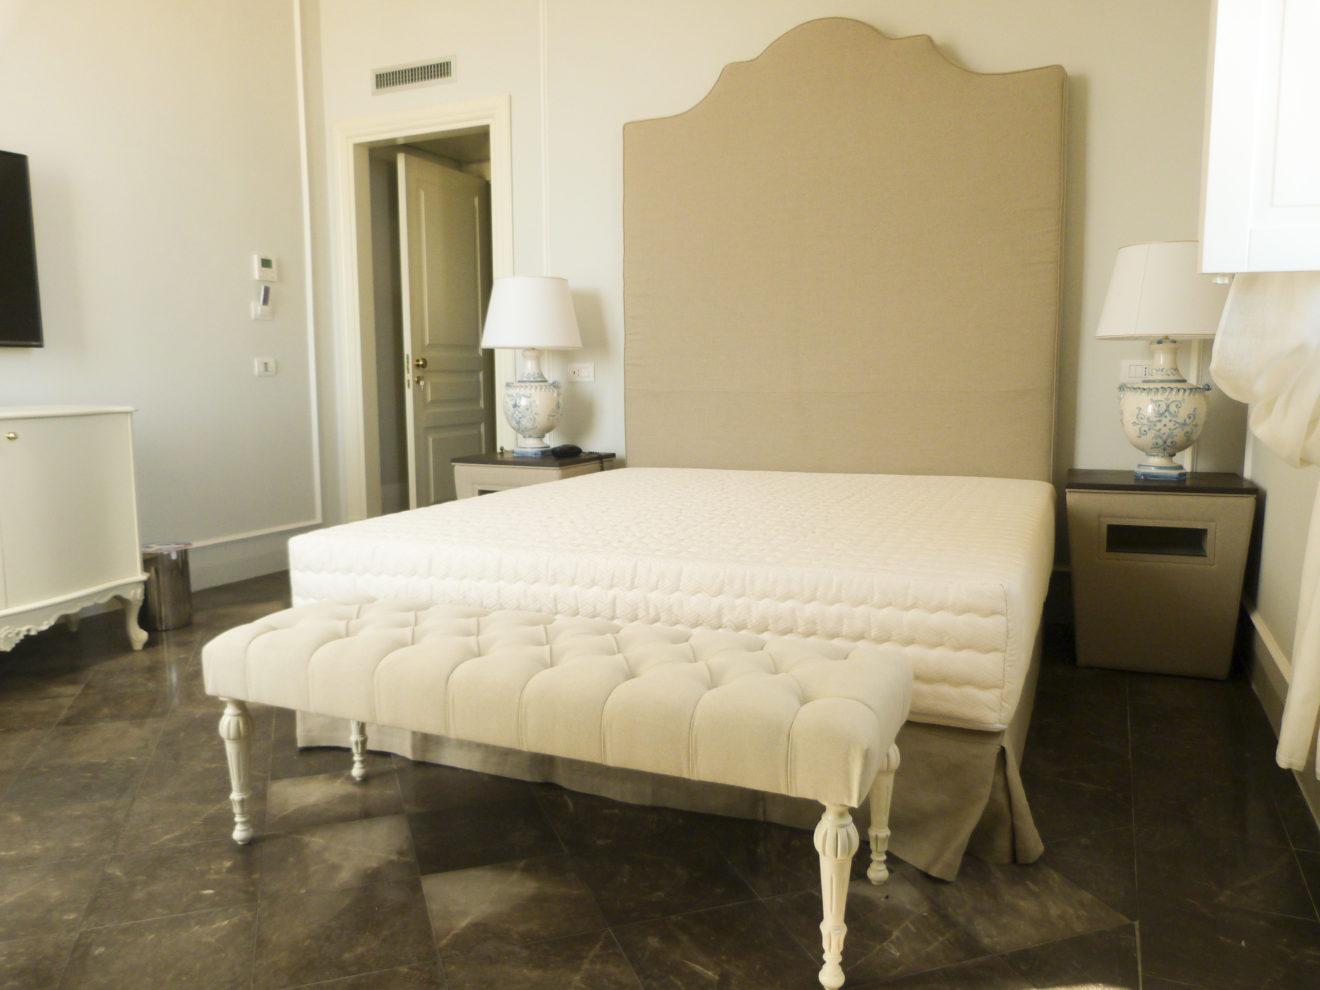 Classic_Camera_Gagliardi_Boutique_hotel_noto_centro_Barocco_luxury_lusso_152